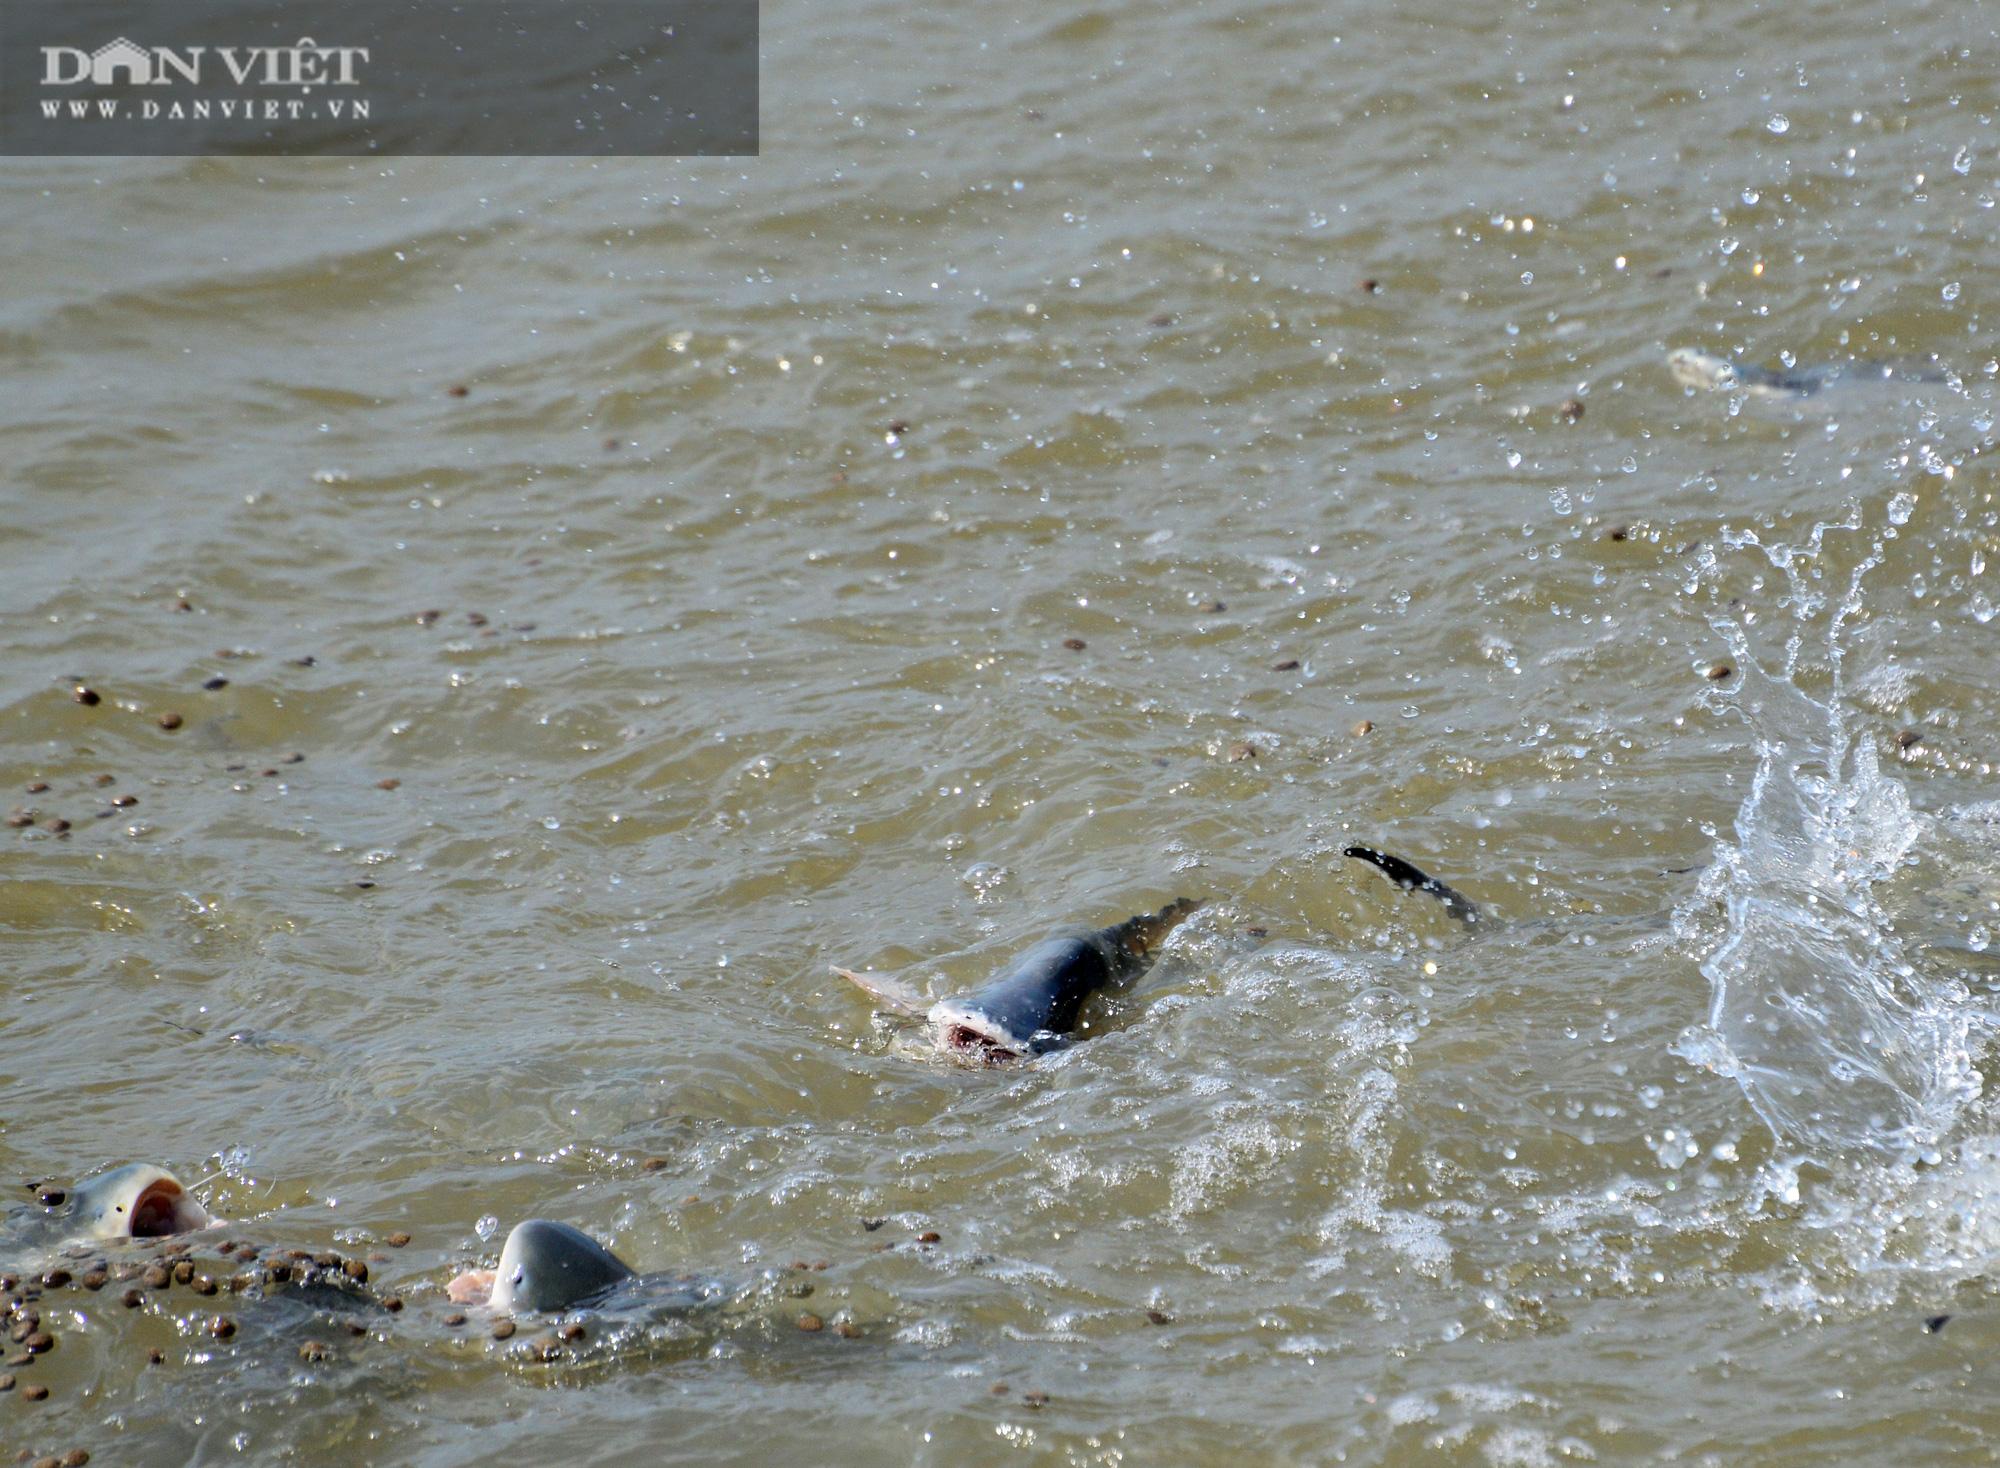 Lạ đời những người bỏ tiền túi nuôi cá sông như thú cưng - Ảnh 8.